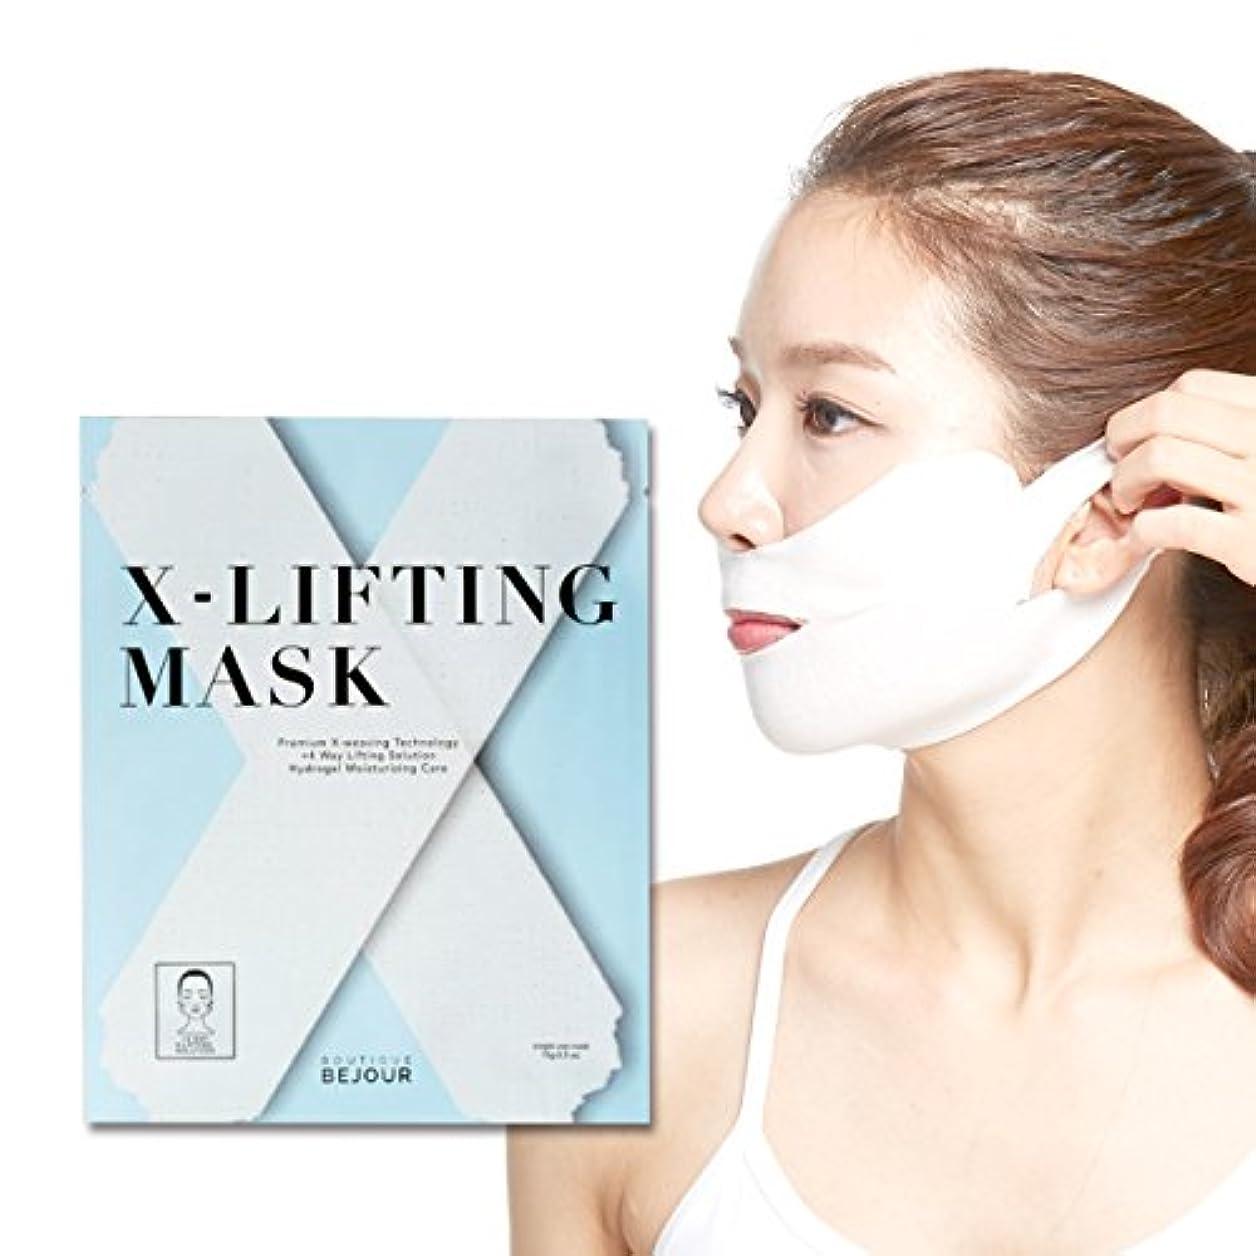 物理的な論争の的職業< ビジュール > X-Lifting (エックスリフティング) マスク [ リフトアップ フェイスマスク フェイスシート フェイスパック フェイシャルマスク シートマスク フェイシャルシート フェイシャルパック ローションマスク ローションパック 顔パック ]